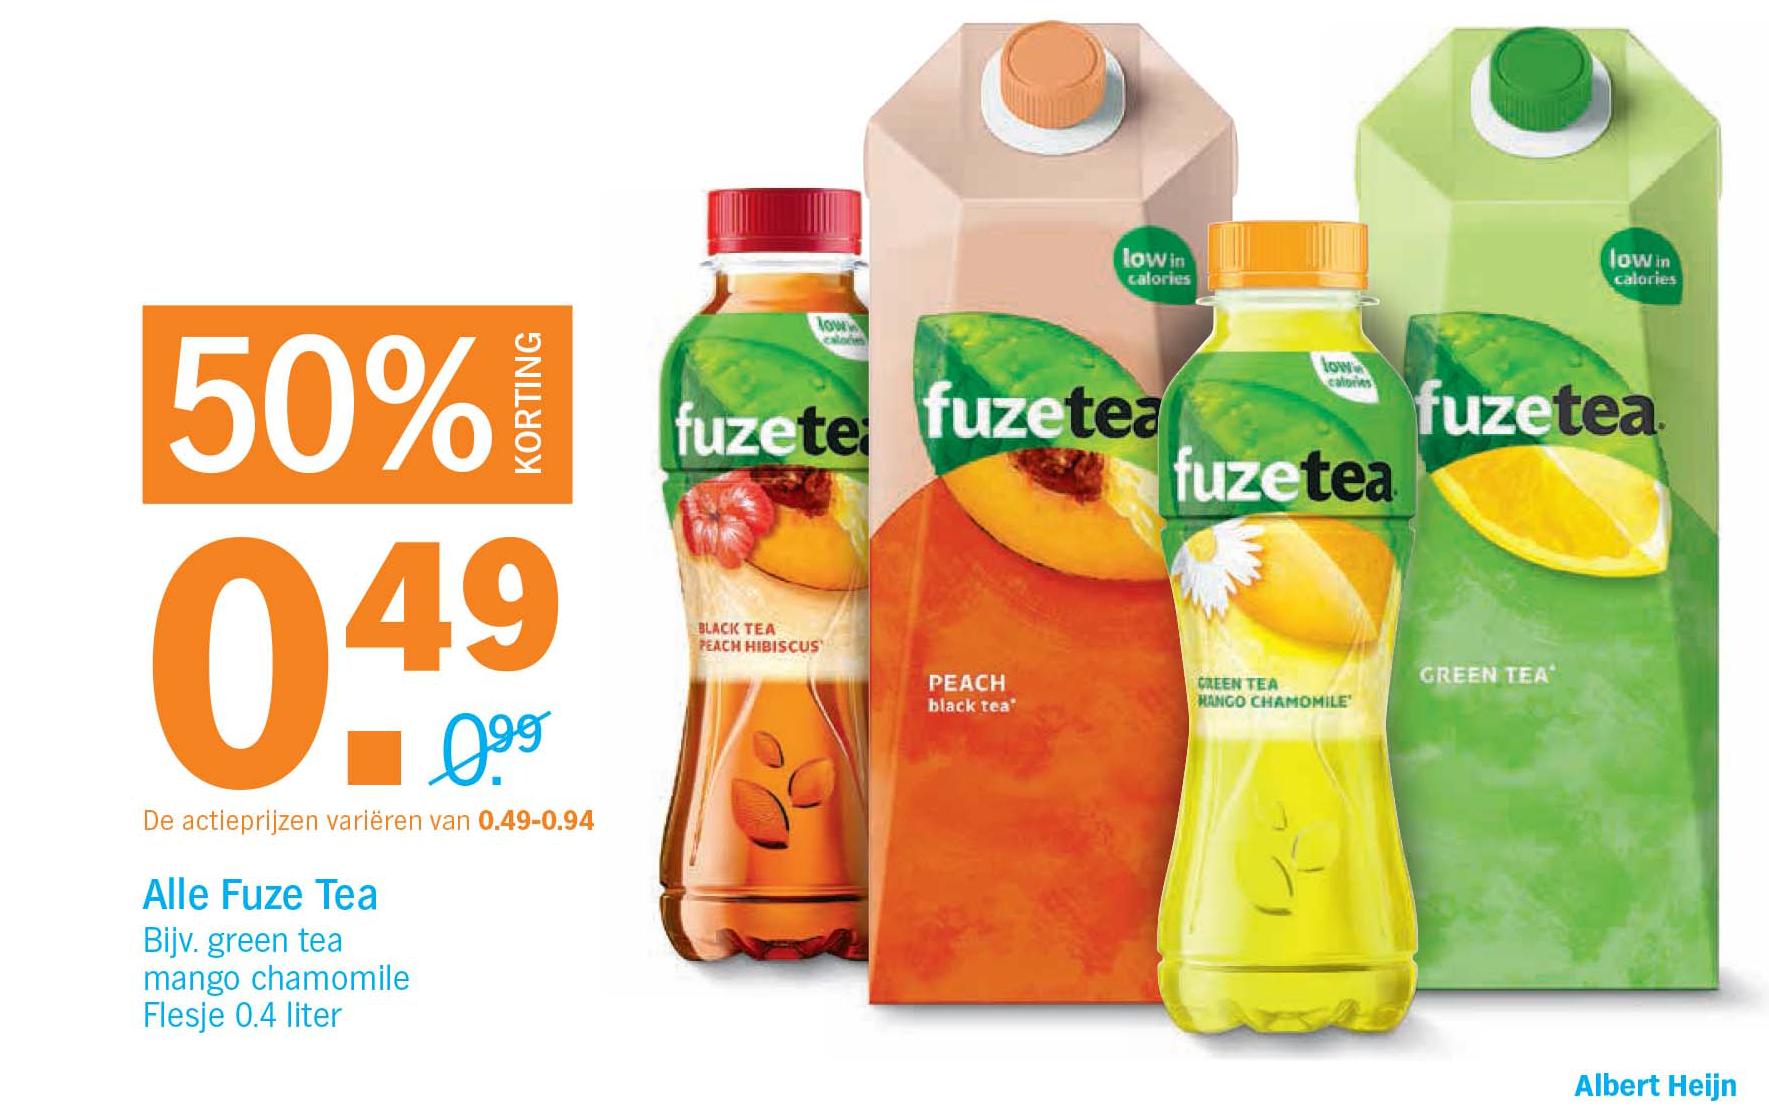 Albert Heijn Alle Fuze Tea: 50% Korting